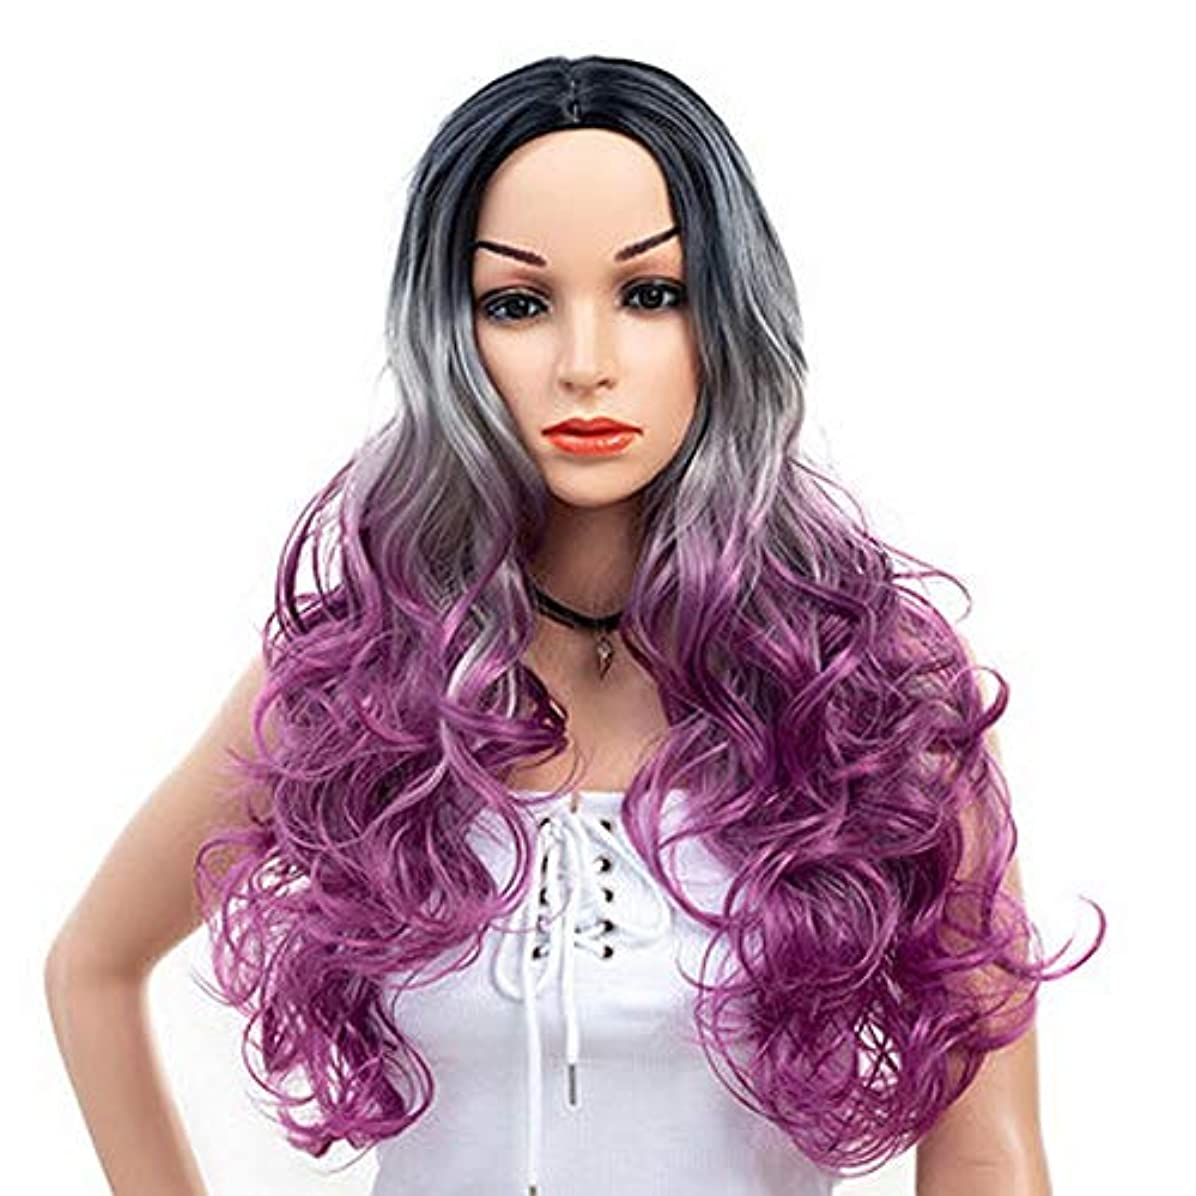 ユーモラス対話ブロック女性のための色のかつら長いウェーブのかかった髪、高密度温度合成かつら女性のグルーレスウェーブのかかったコスプレヘアウィッグ、女性のための耐熱繊維の髪のかつら、紫色のウィッグ26インチ